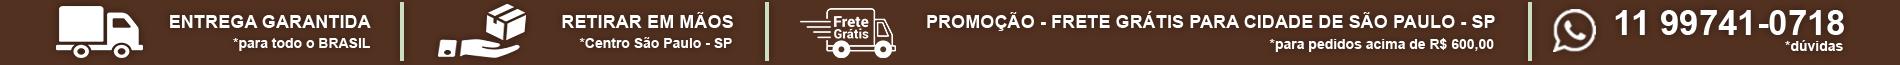 Promoções Rizzo Confeitaria